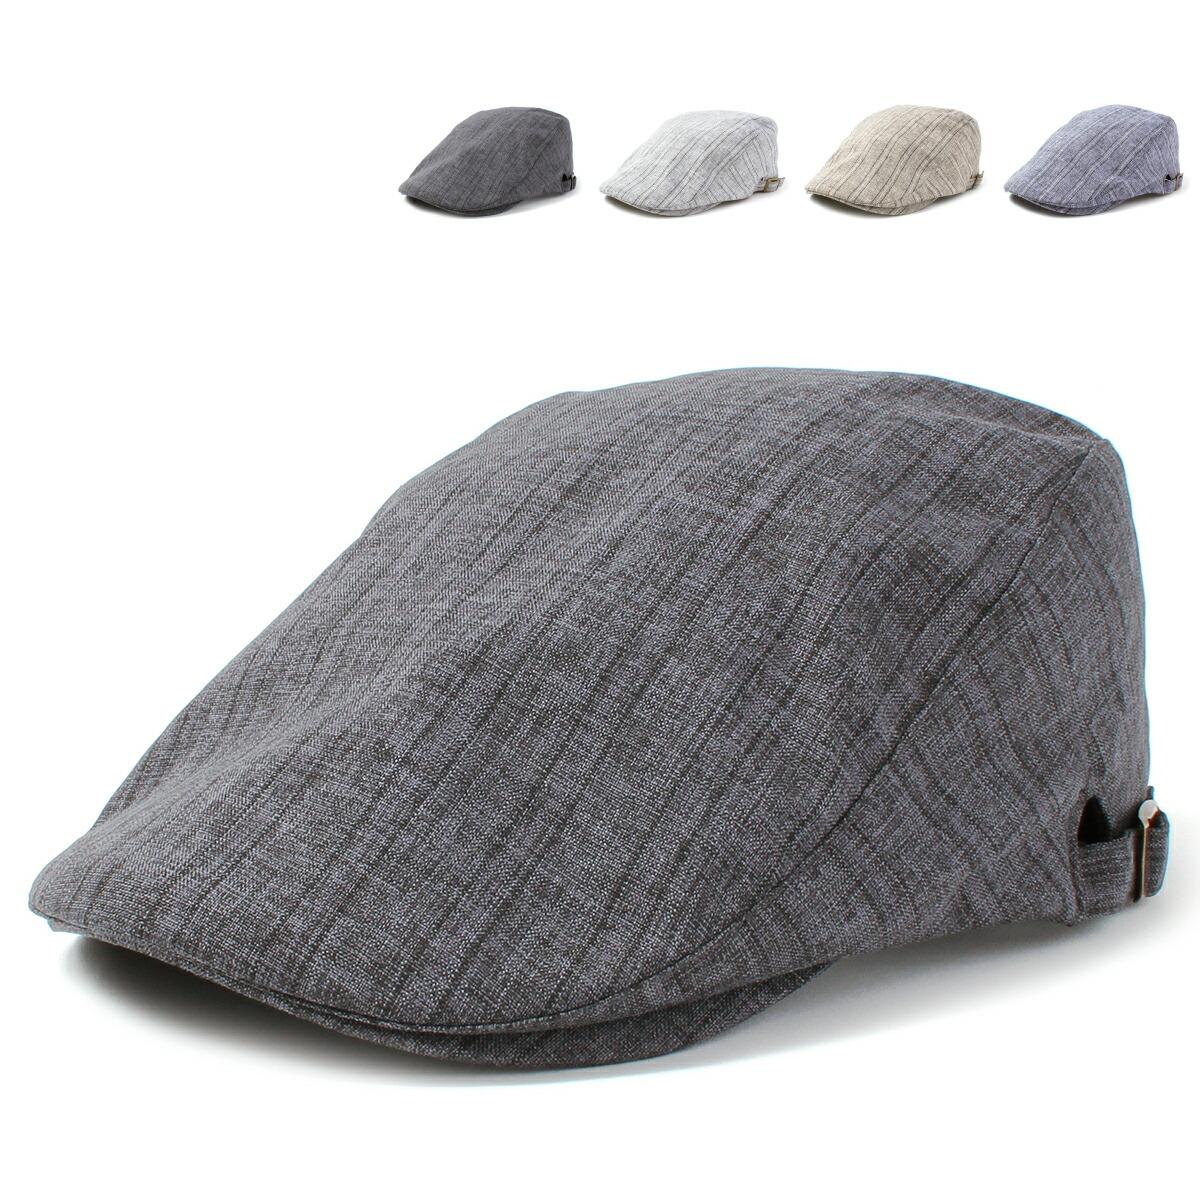 703a45f87f38b 楽天市場】Basiquenti ワークキャップ Mesh Work 帽子 レディース メンズ ...